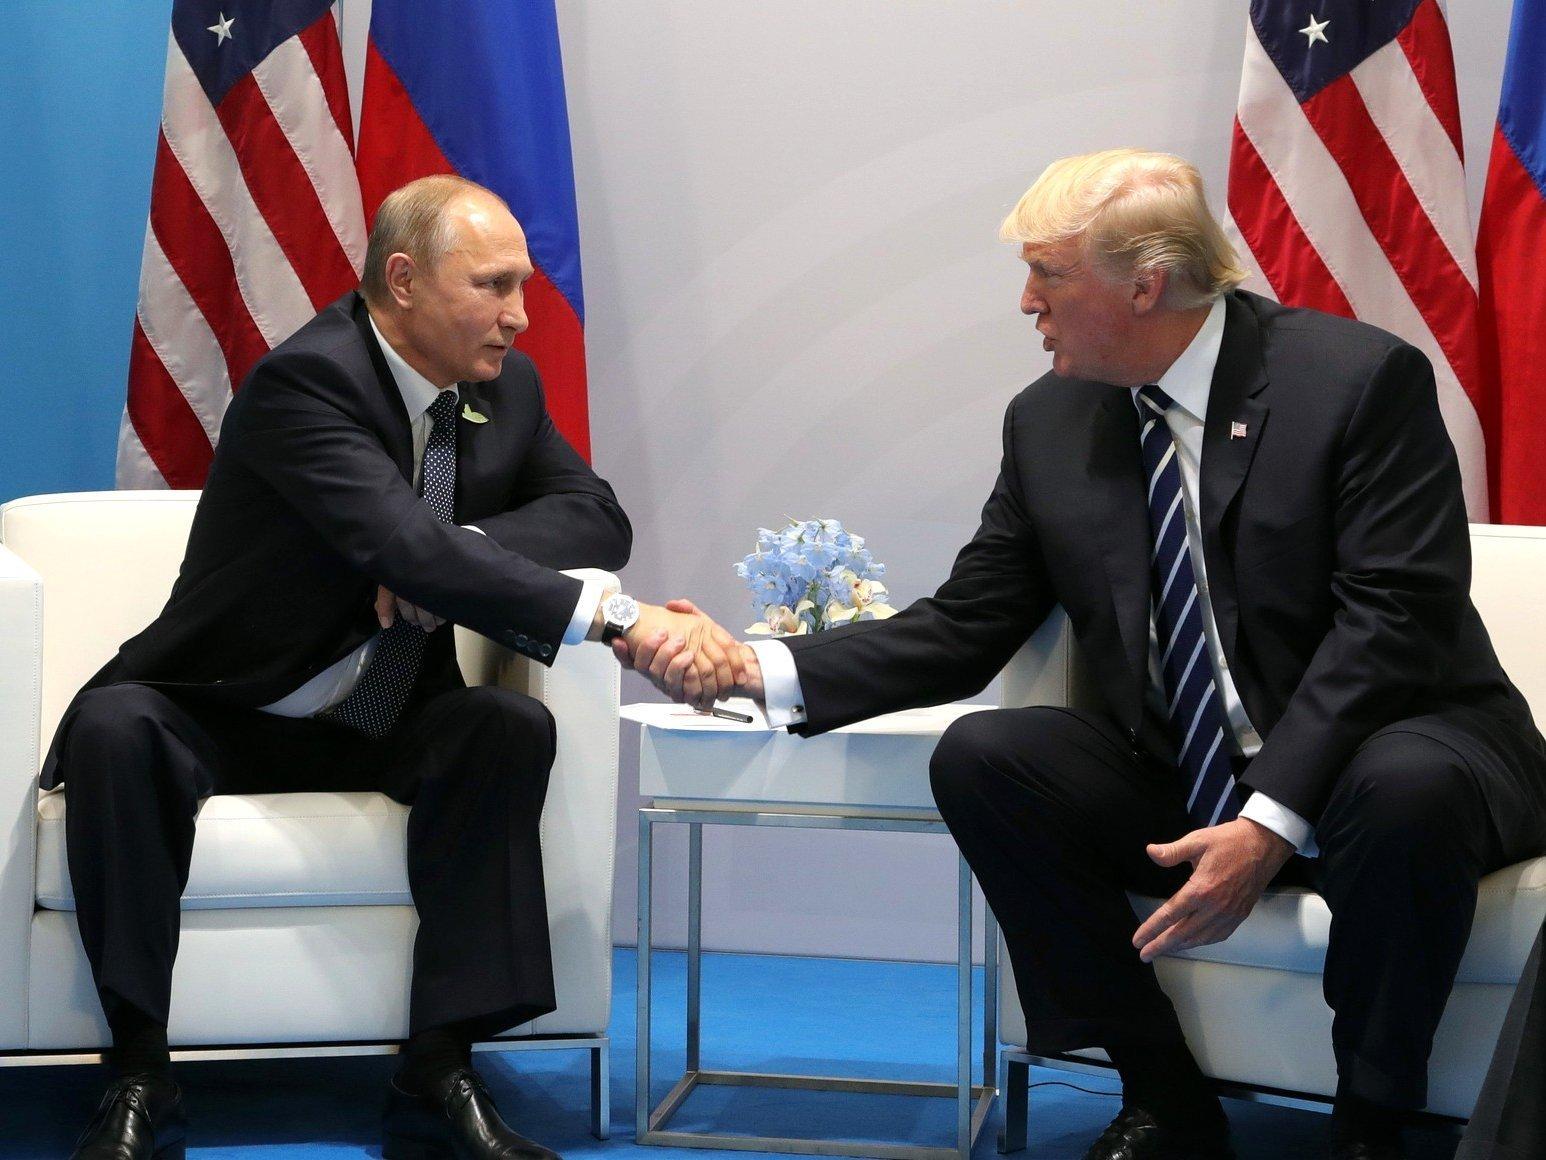 Путин поблагодарил Трампа запомощь ЦРУ впредотвращении теракта вПетербурге